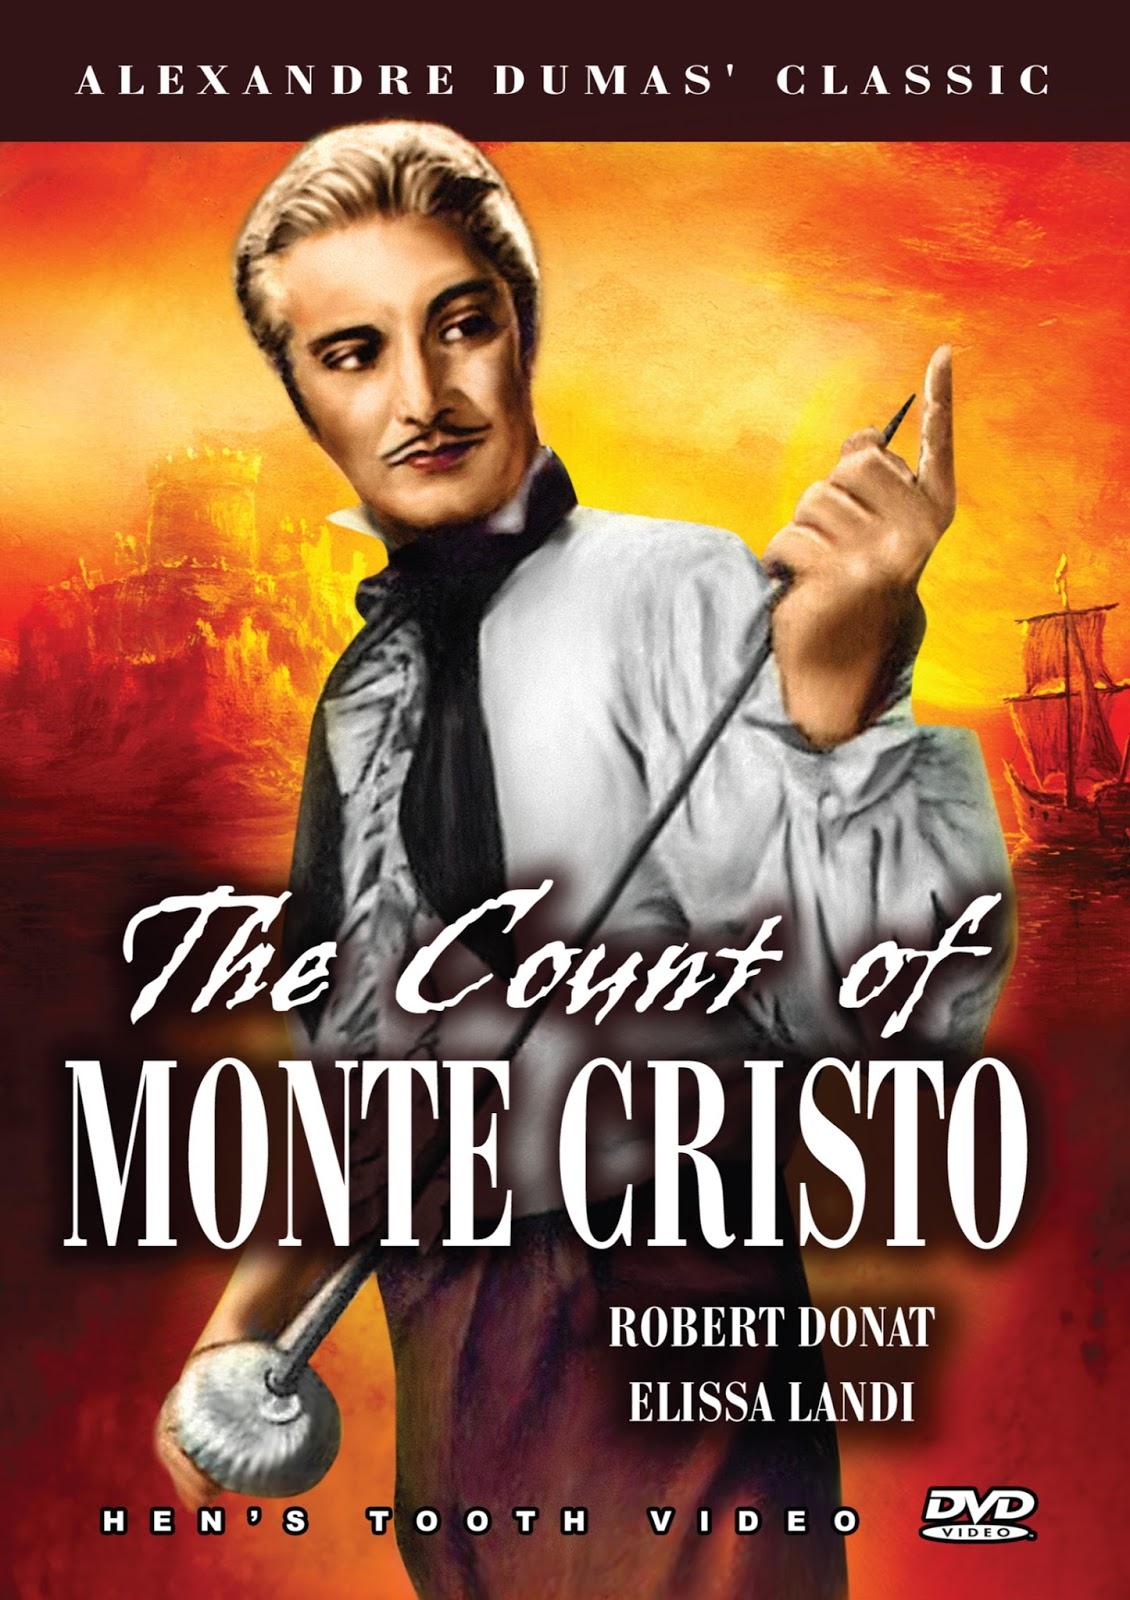 Pel cula dirigida por the count of monte cristo del a o 1934 en los papeles estelar robert donat como edmond dantes elissa landi como mercedes